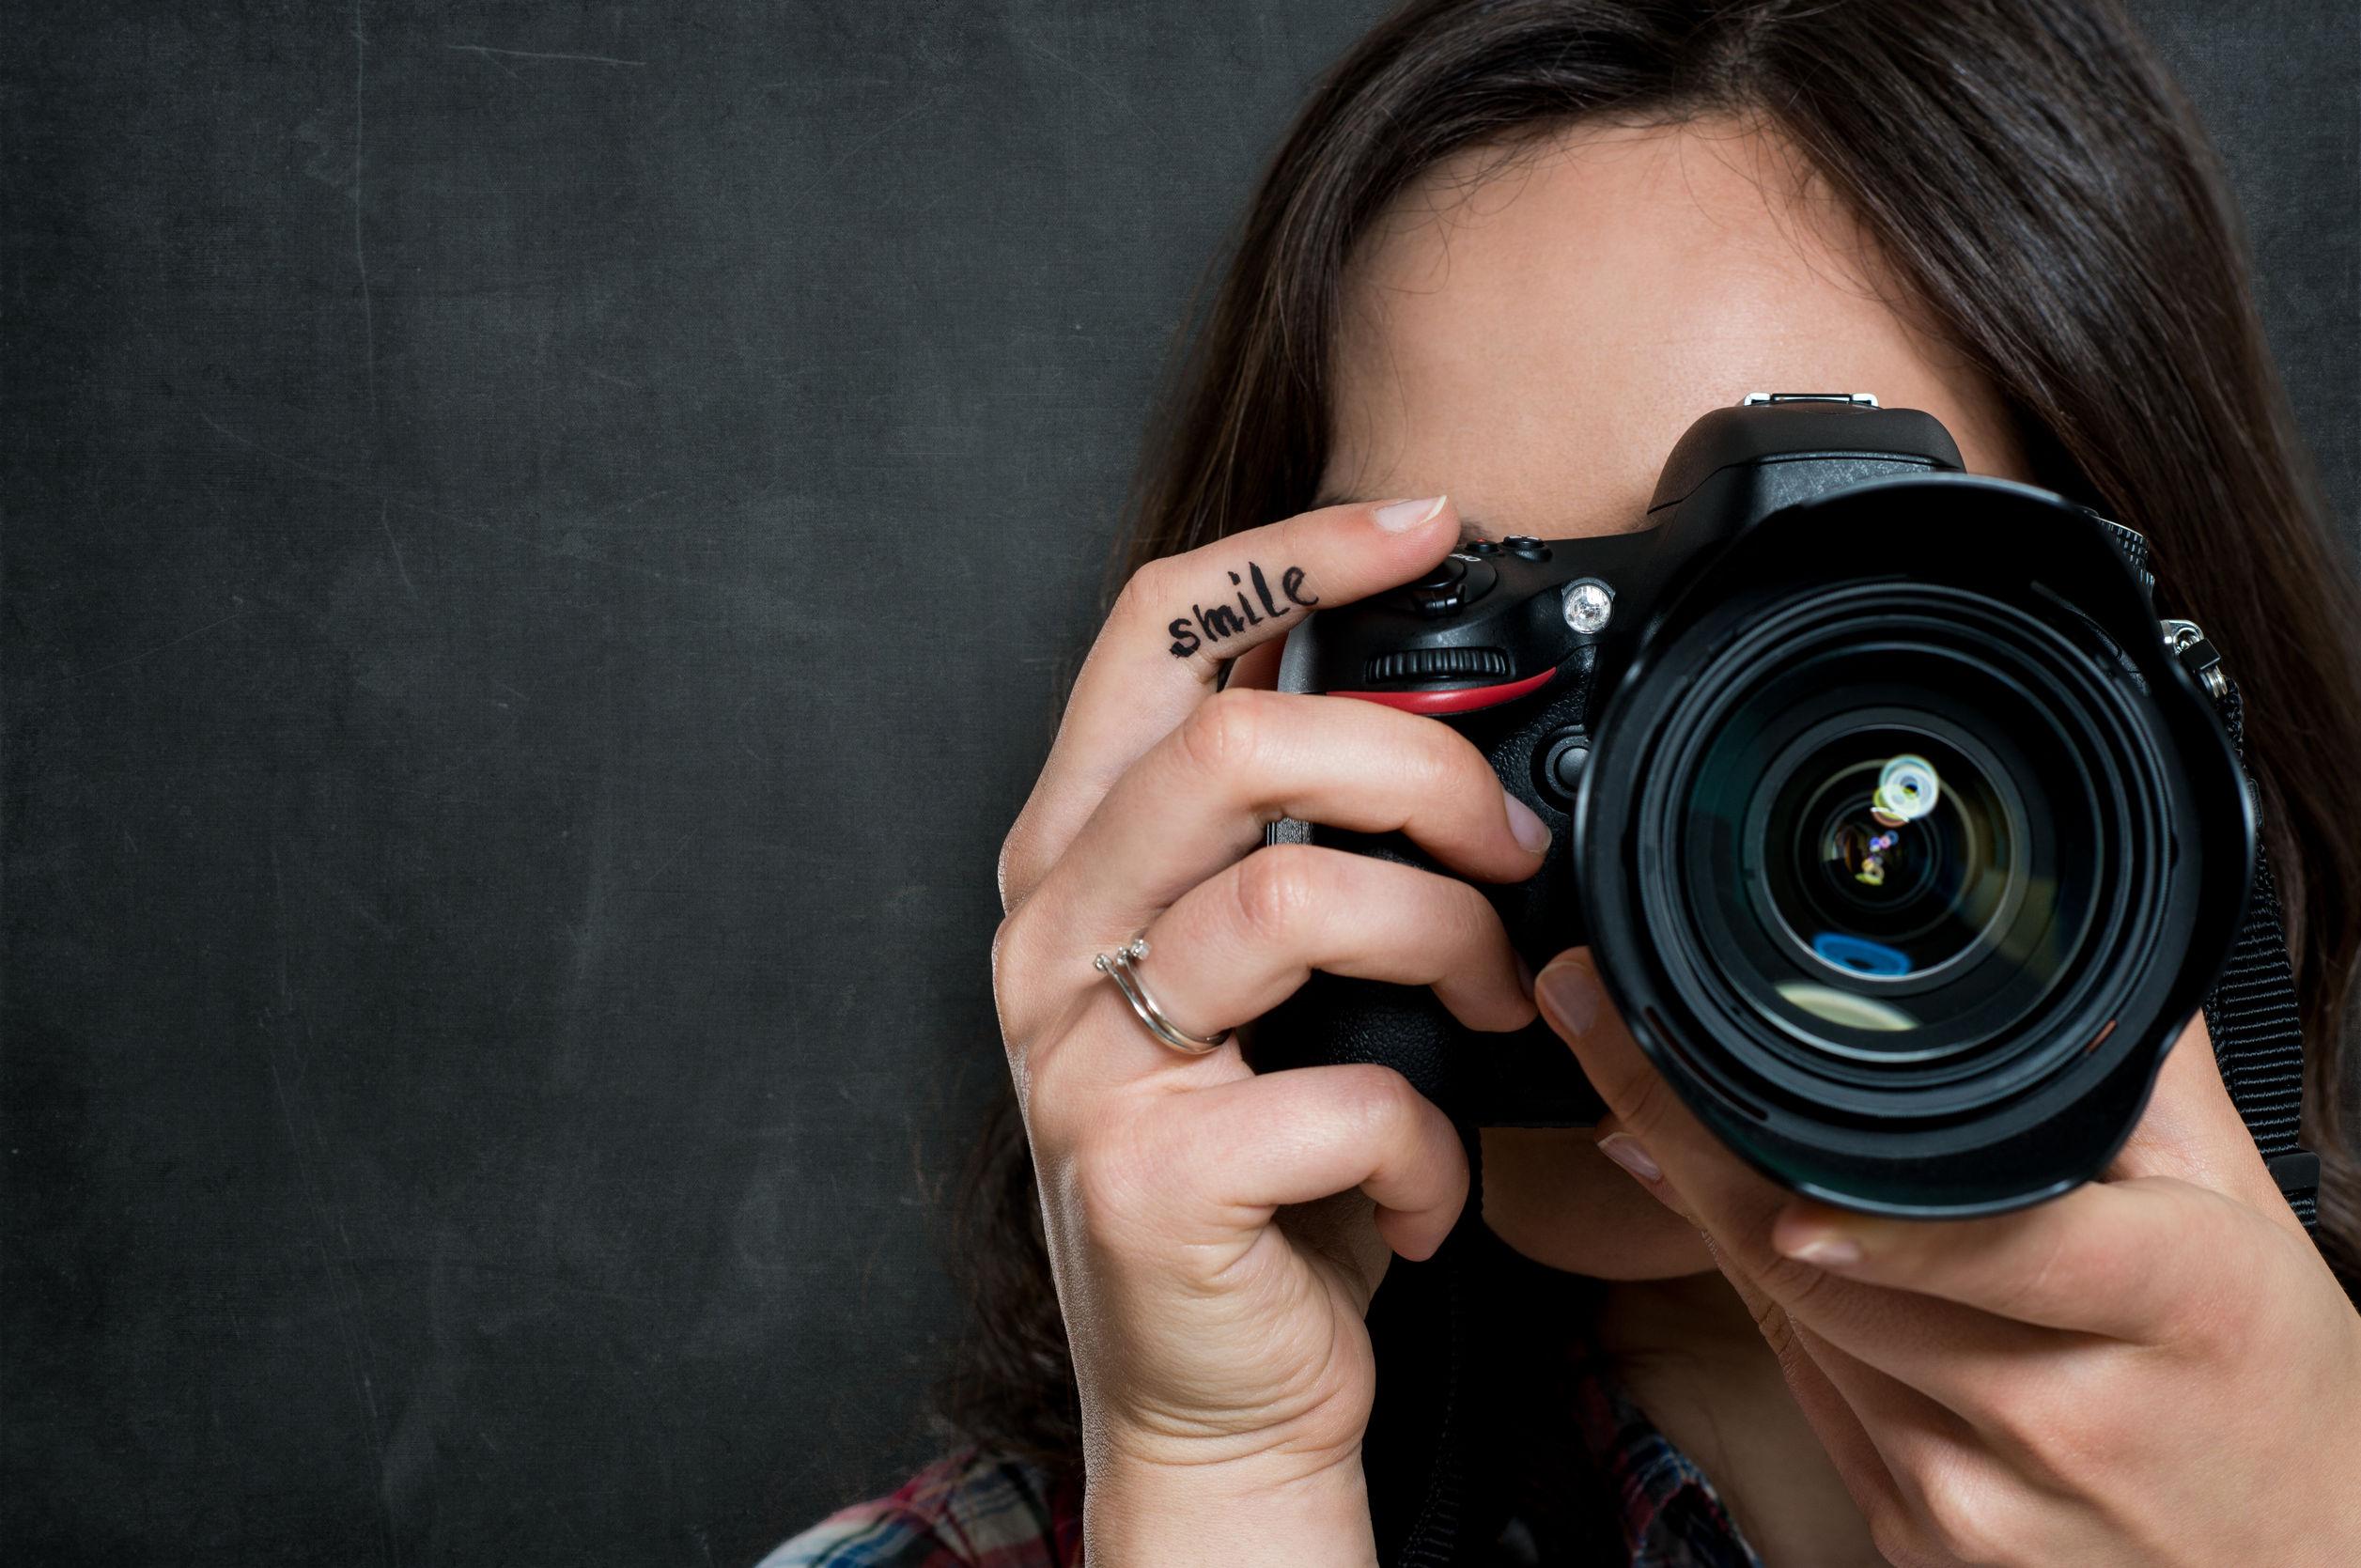 Systeemcamera: Wat zijn de beste systeemcamera's van 2020?